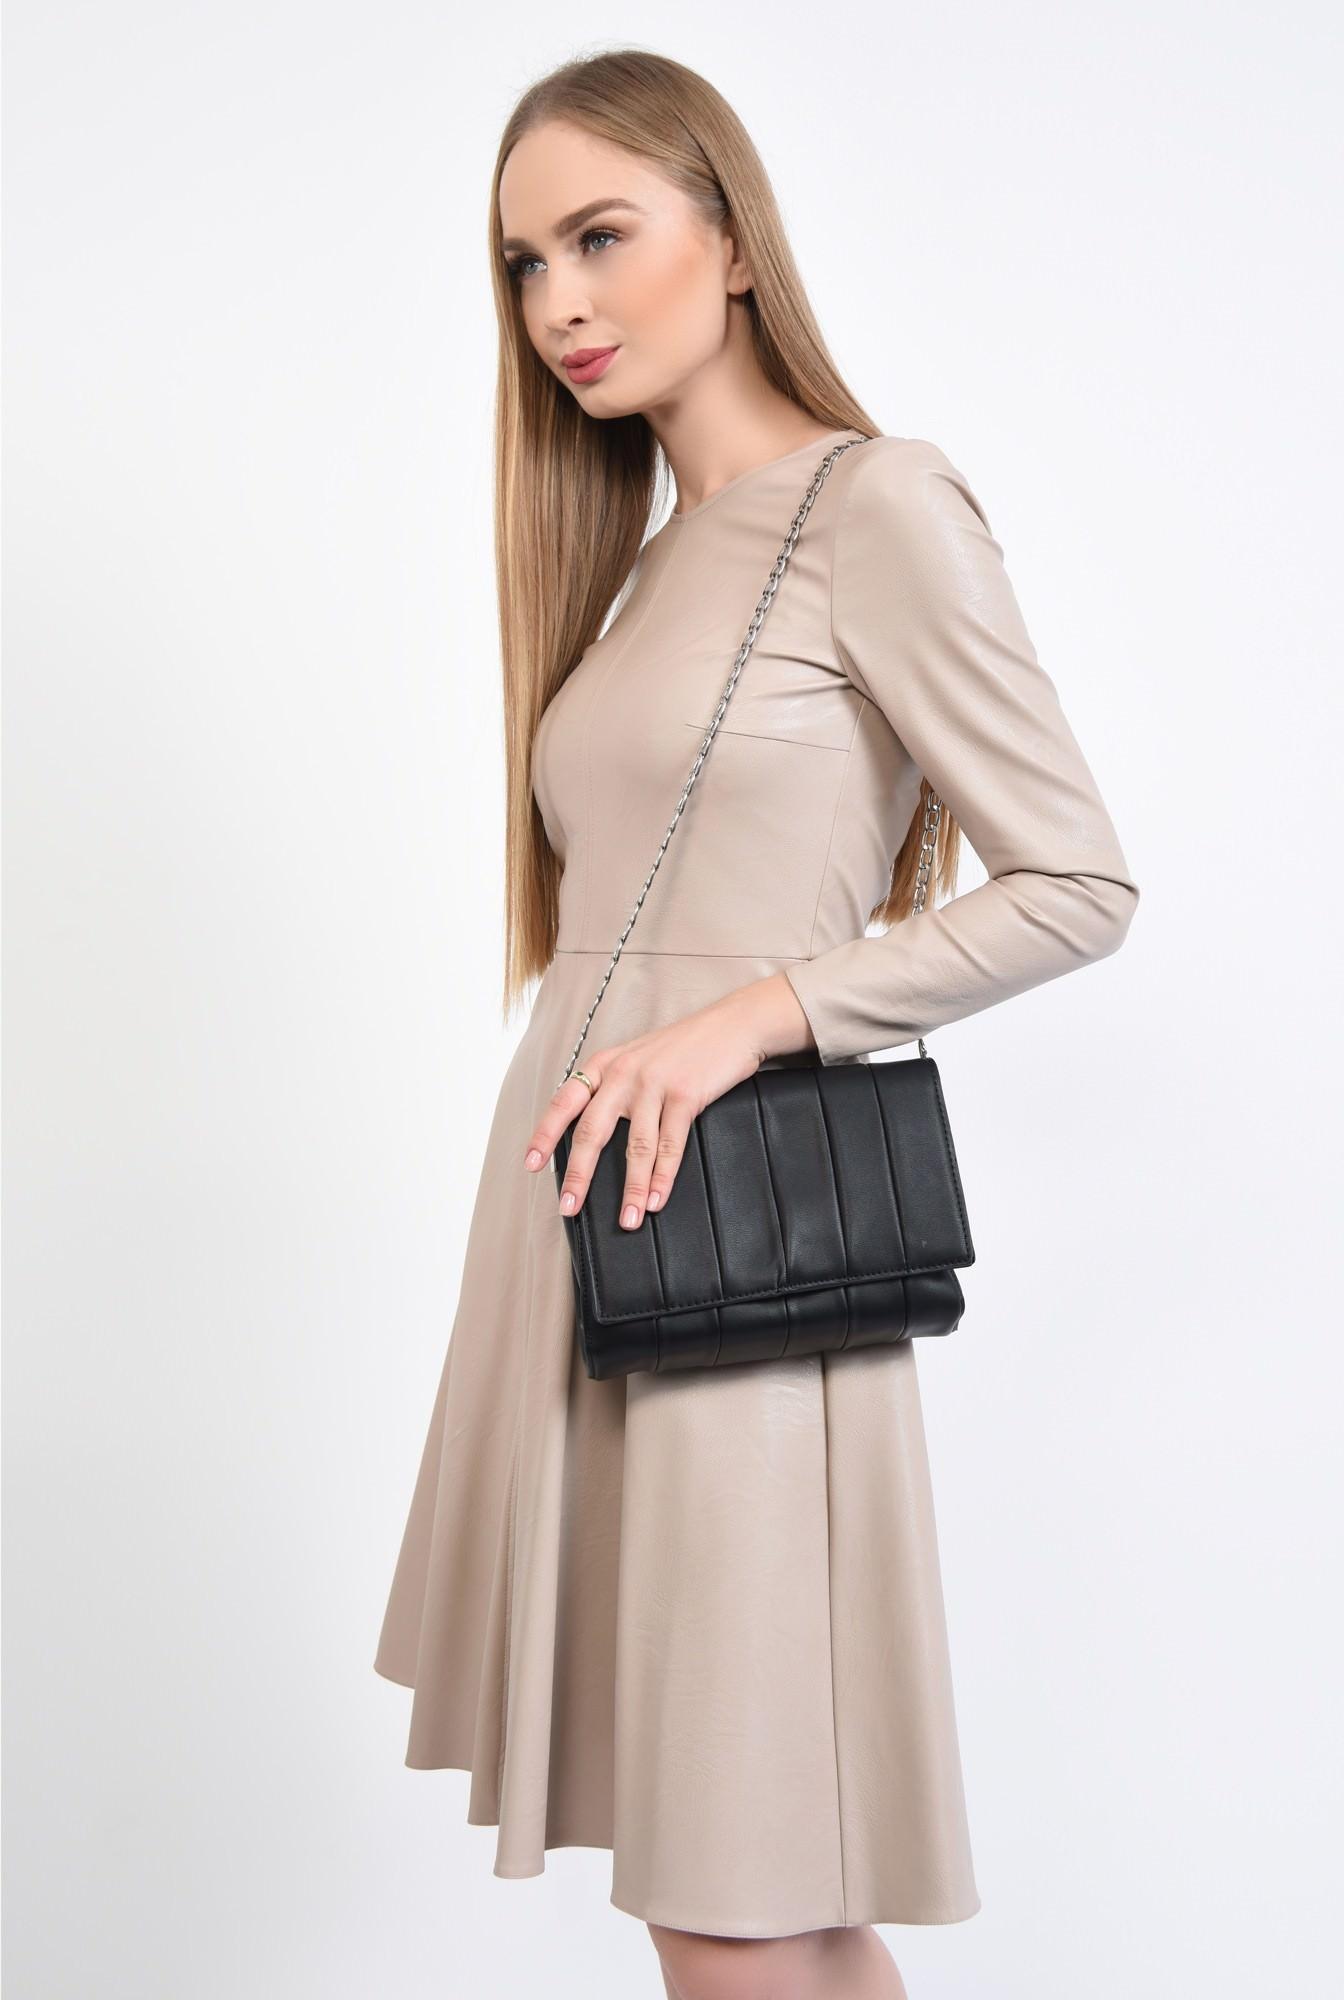 3 - geanta casual, negru, matlasata